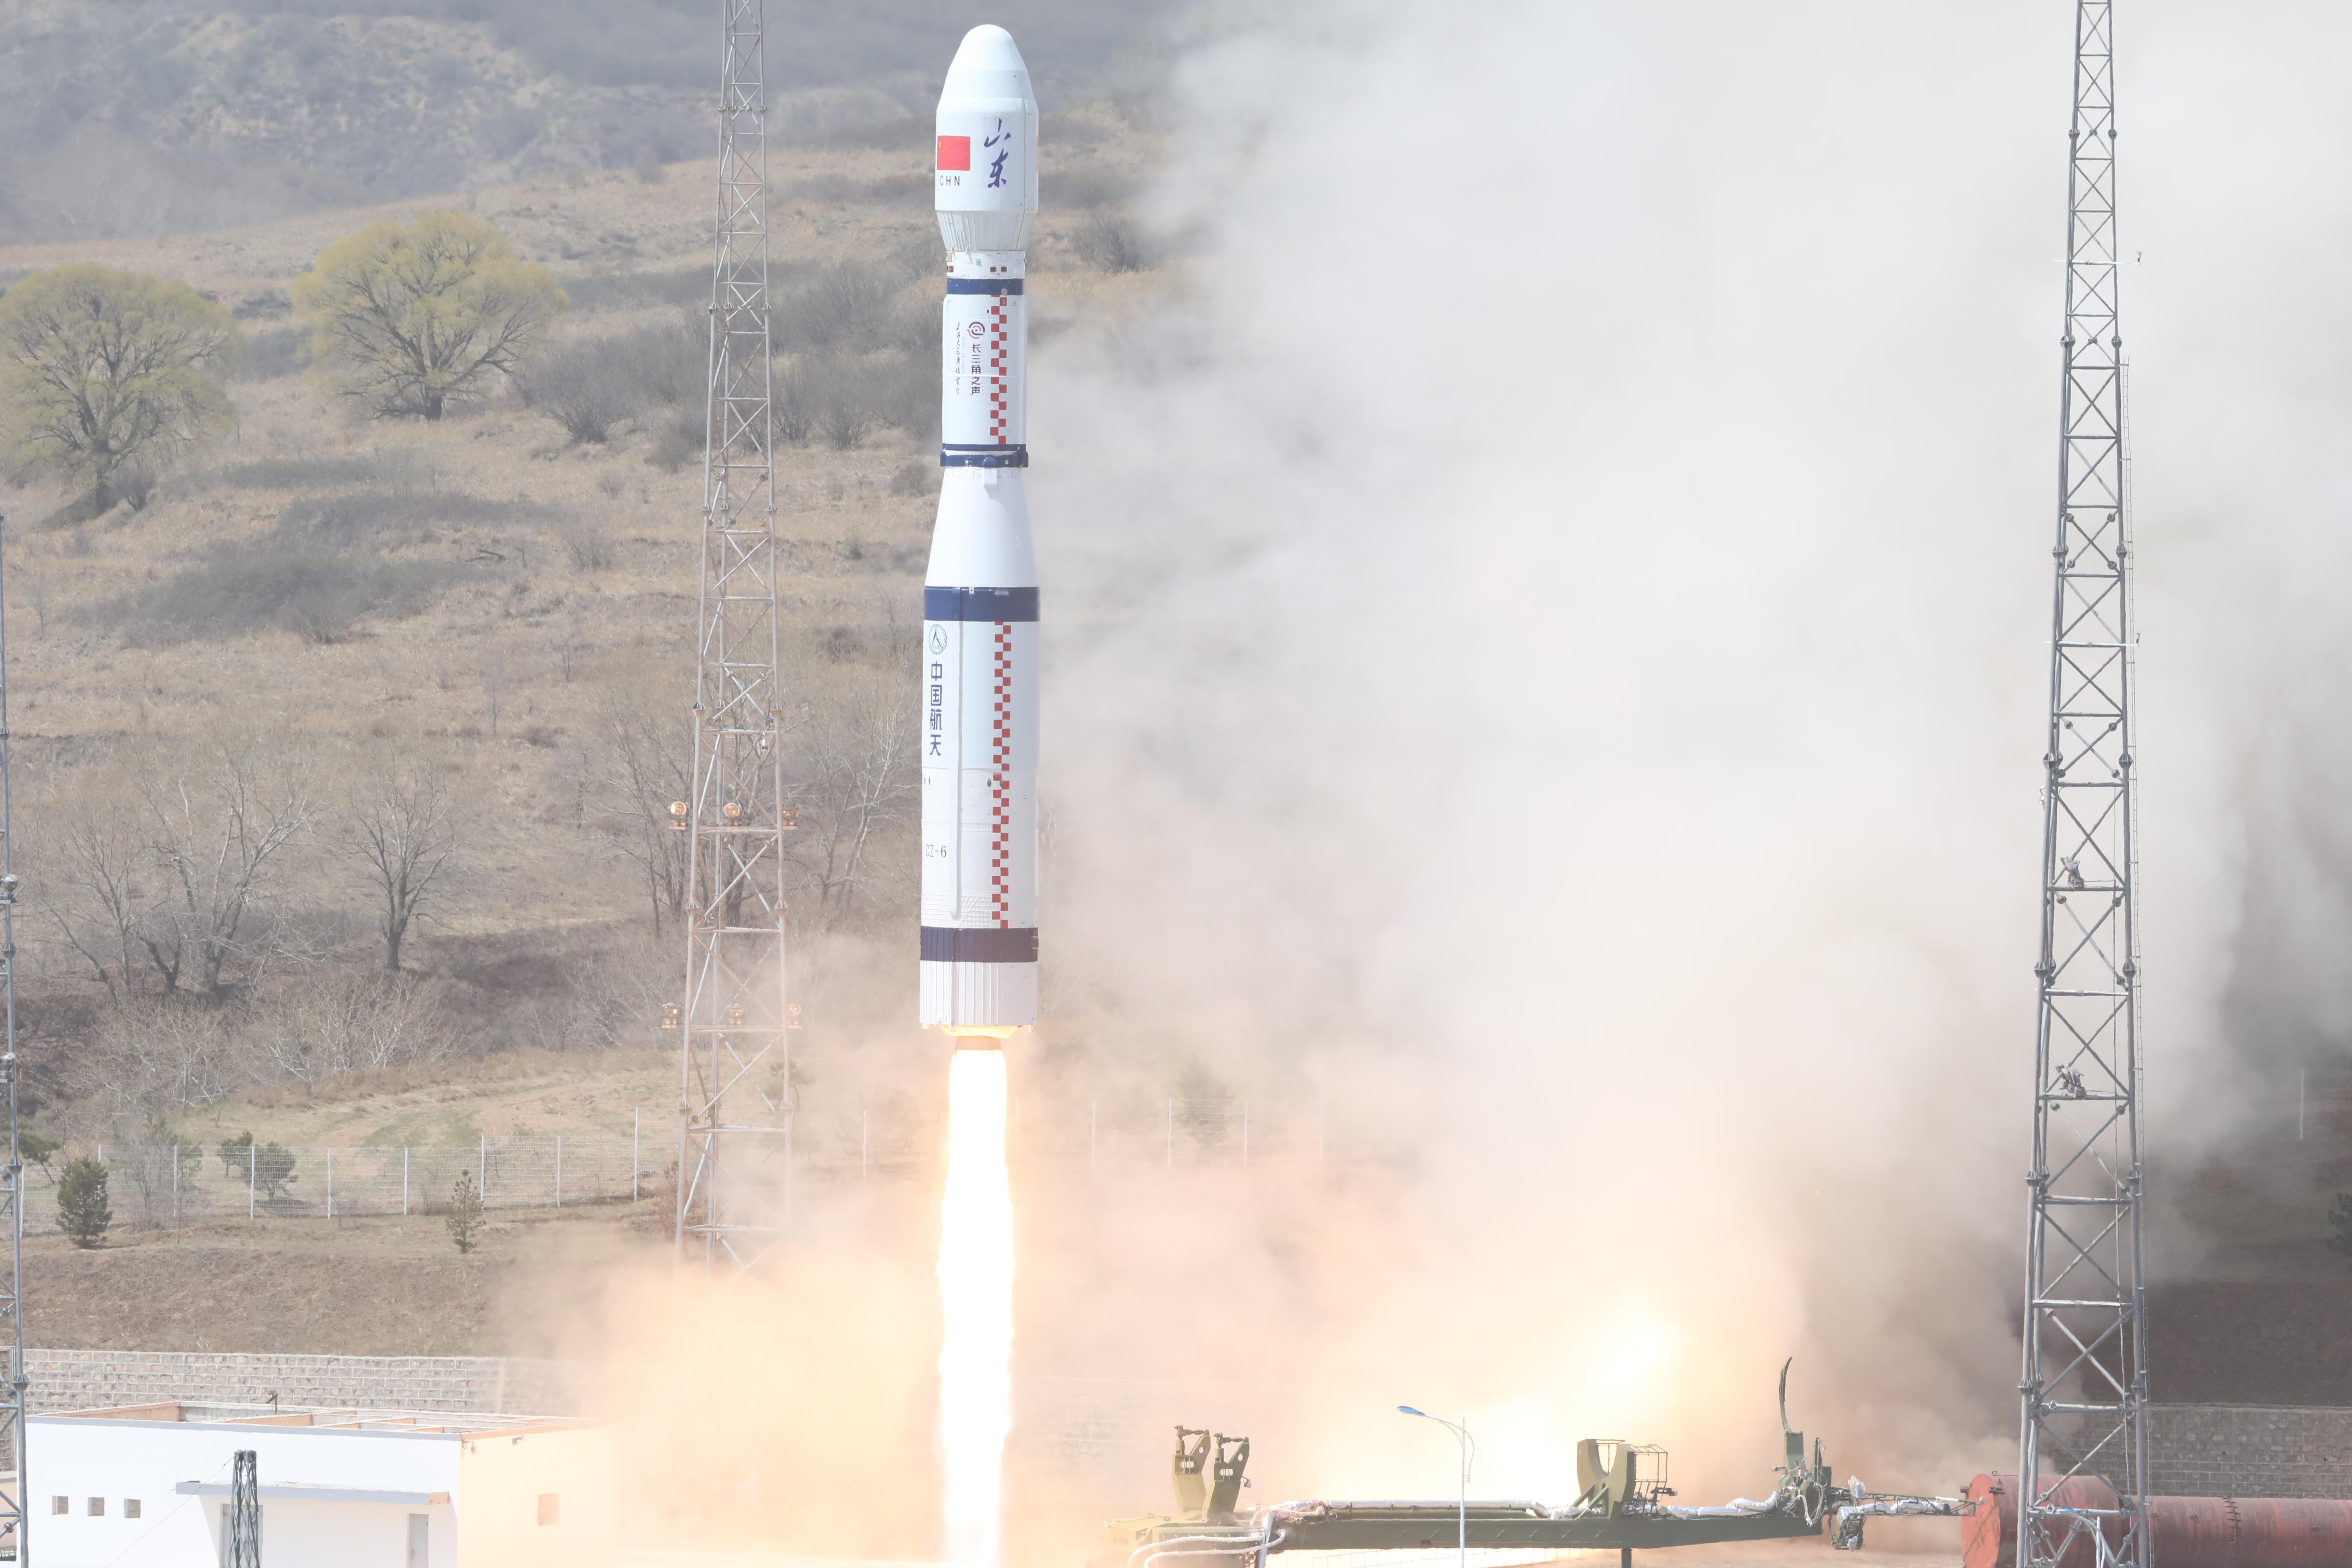 """4月27日11时20分,我国在太原卫星发射中心用长征六号运载火箭,以""""一箭九星""""的方式成功将齐鲁一号、齐鲁四号等3颗主星送入预定轨道。"""